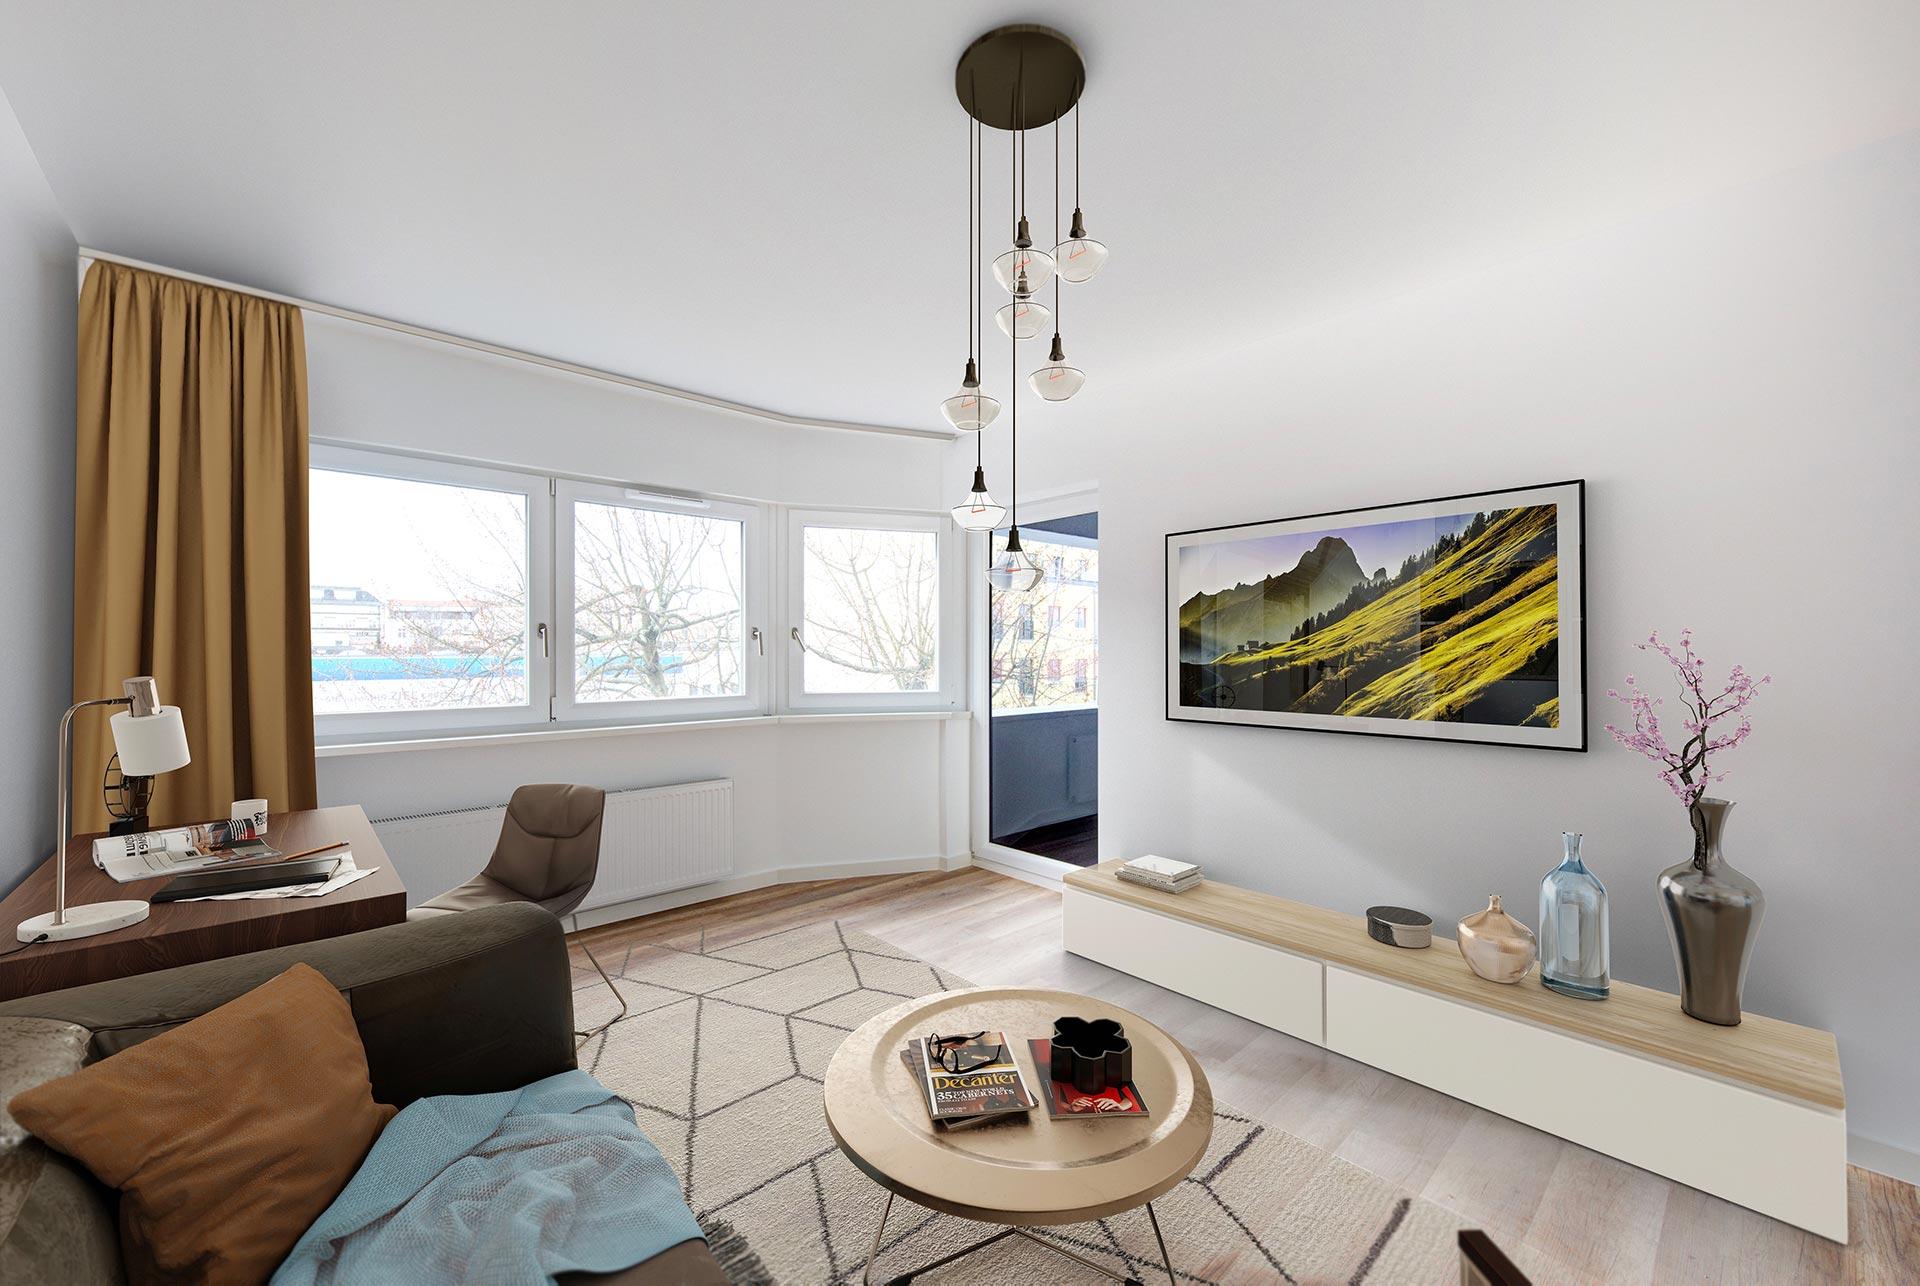 LYTZ - Lützowstrasse 37/39 - 1-Zimmer-Apartment - Wohnbereich